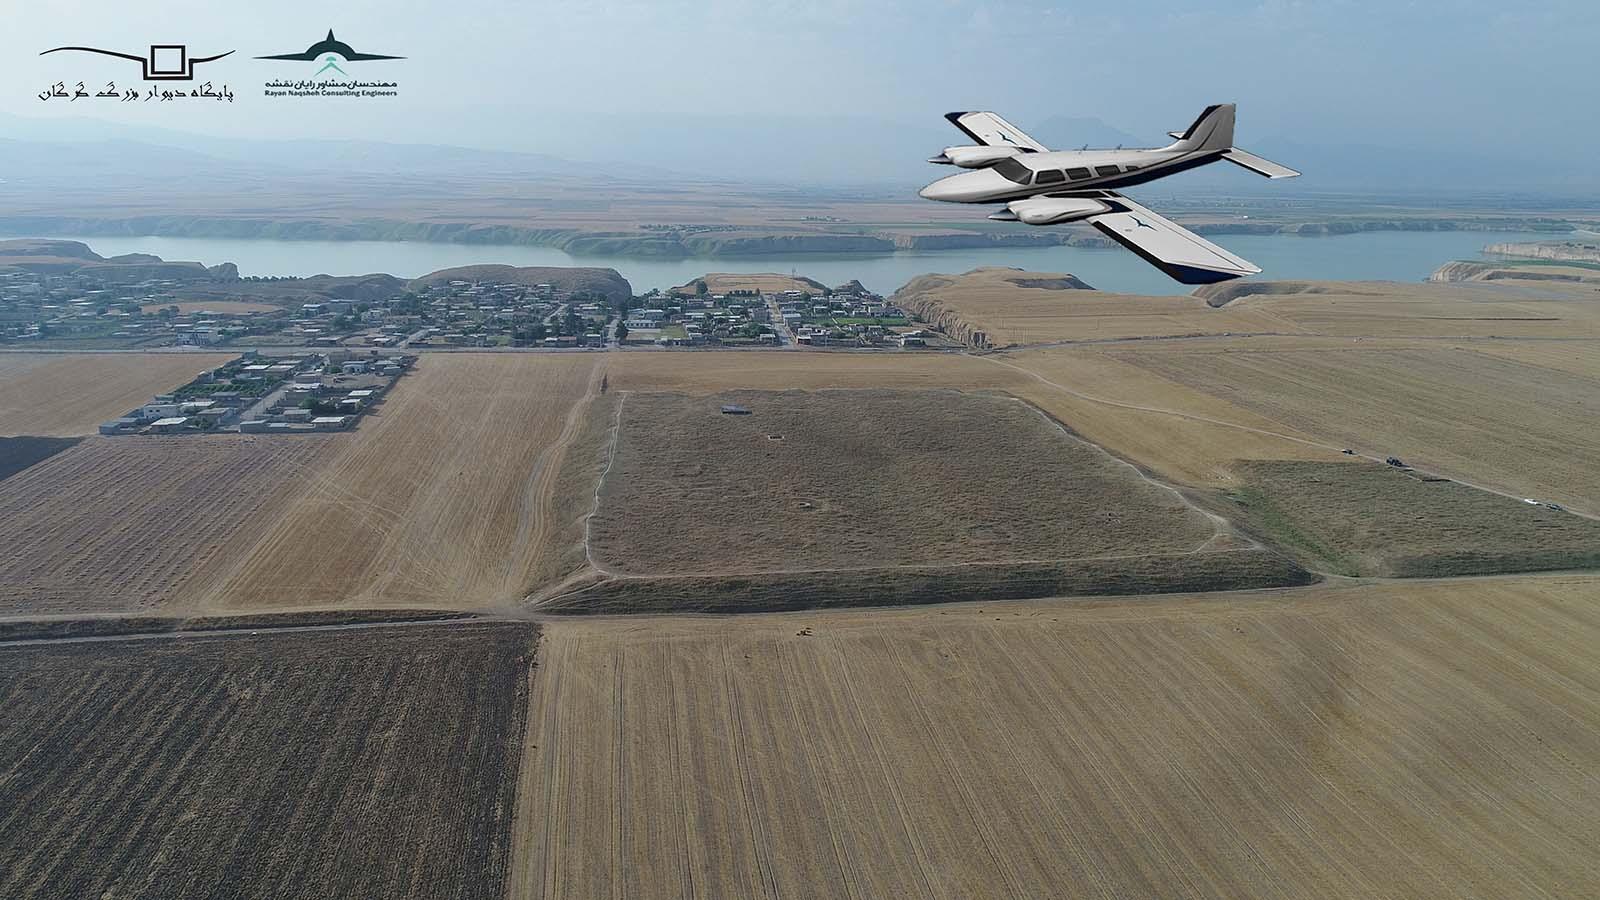 سومین پرواز با هواپیما بر فراز دیوار بزرگ گرگان در پایان قرن 14 خورشیدی